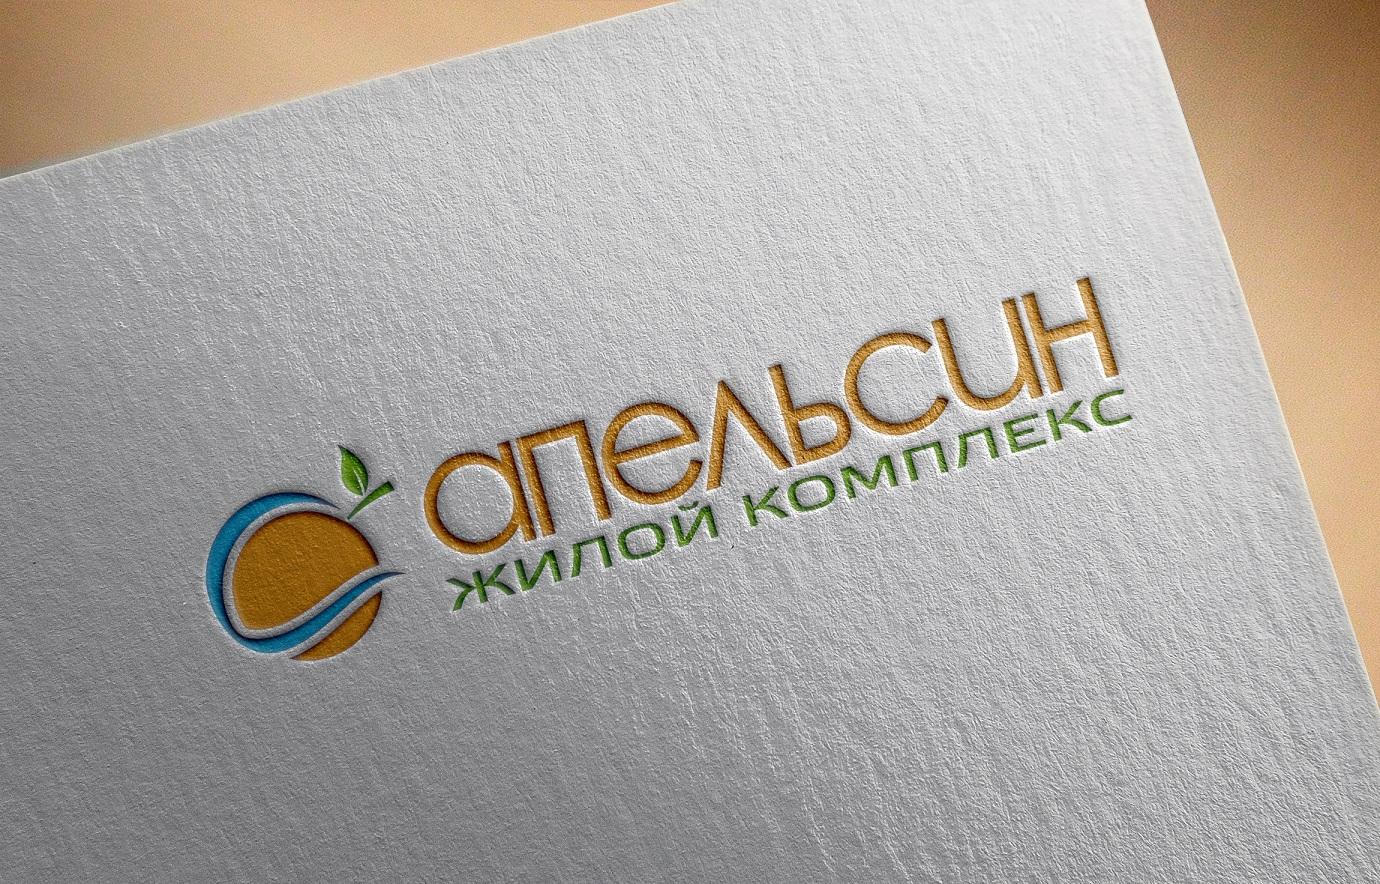 Логотип и фирменный стиль фото f_0795a5874a988ad4.jpg